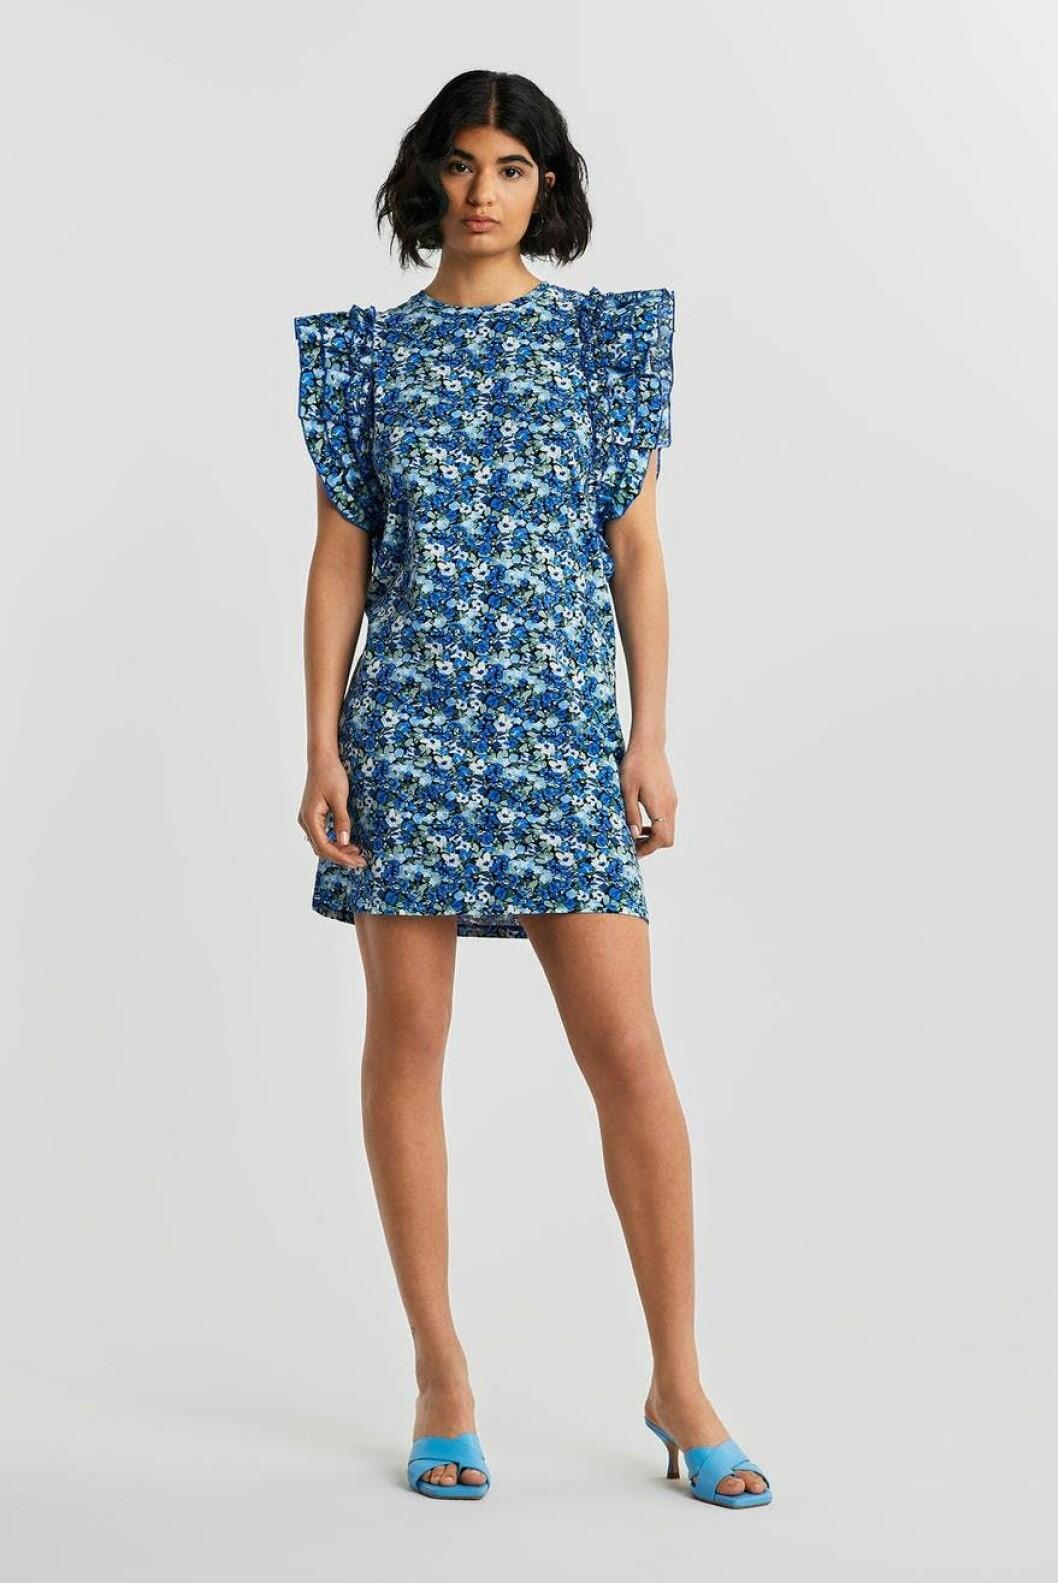 Blommig klänning i blått för dam till 2020